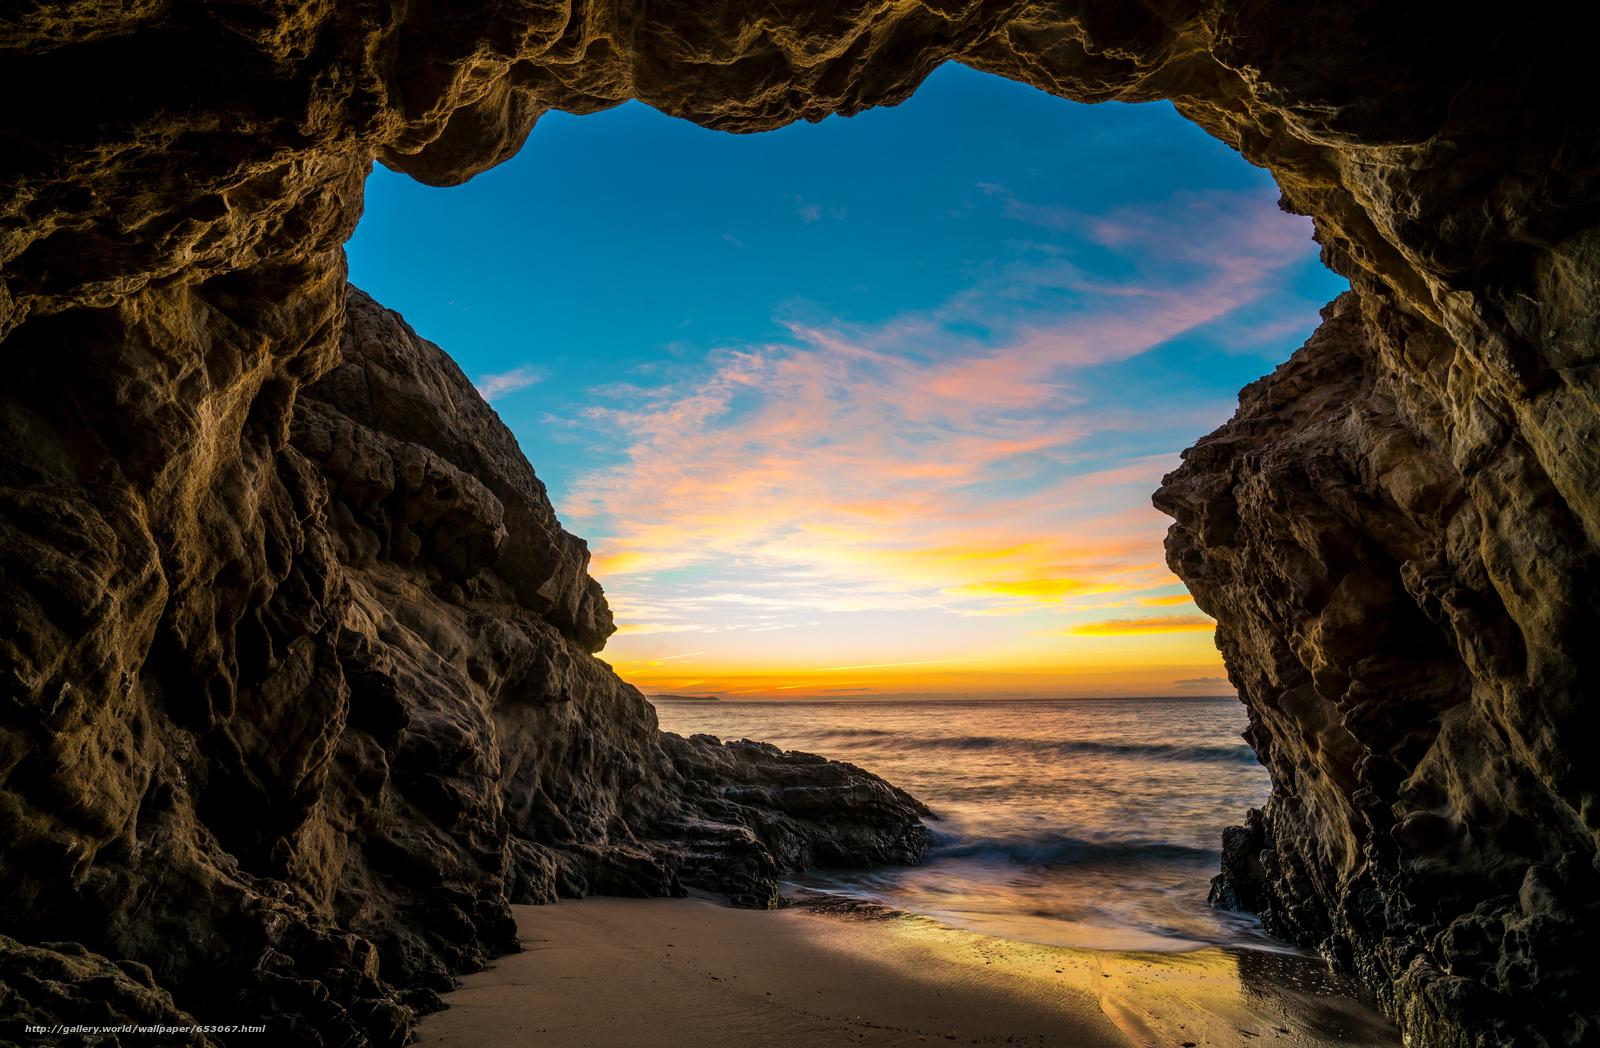 Скачать обои Malibu,  закат,  море,  волны бесплатно для рабочего стола в разрешении 7845x5137 — картинка №653067